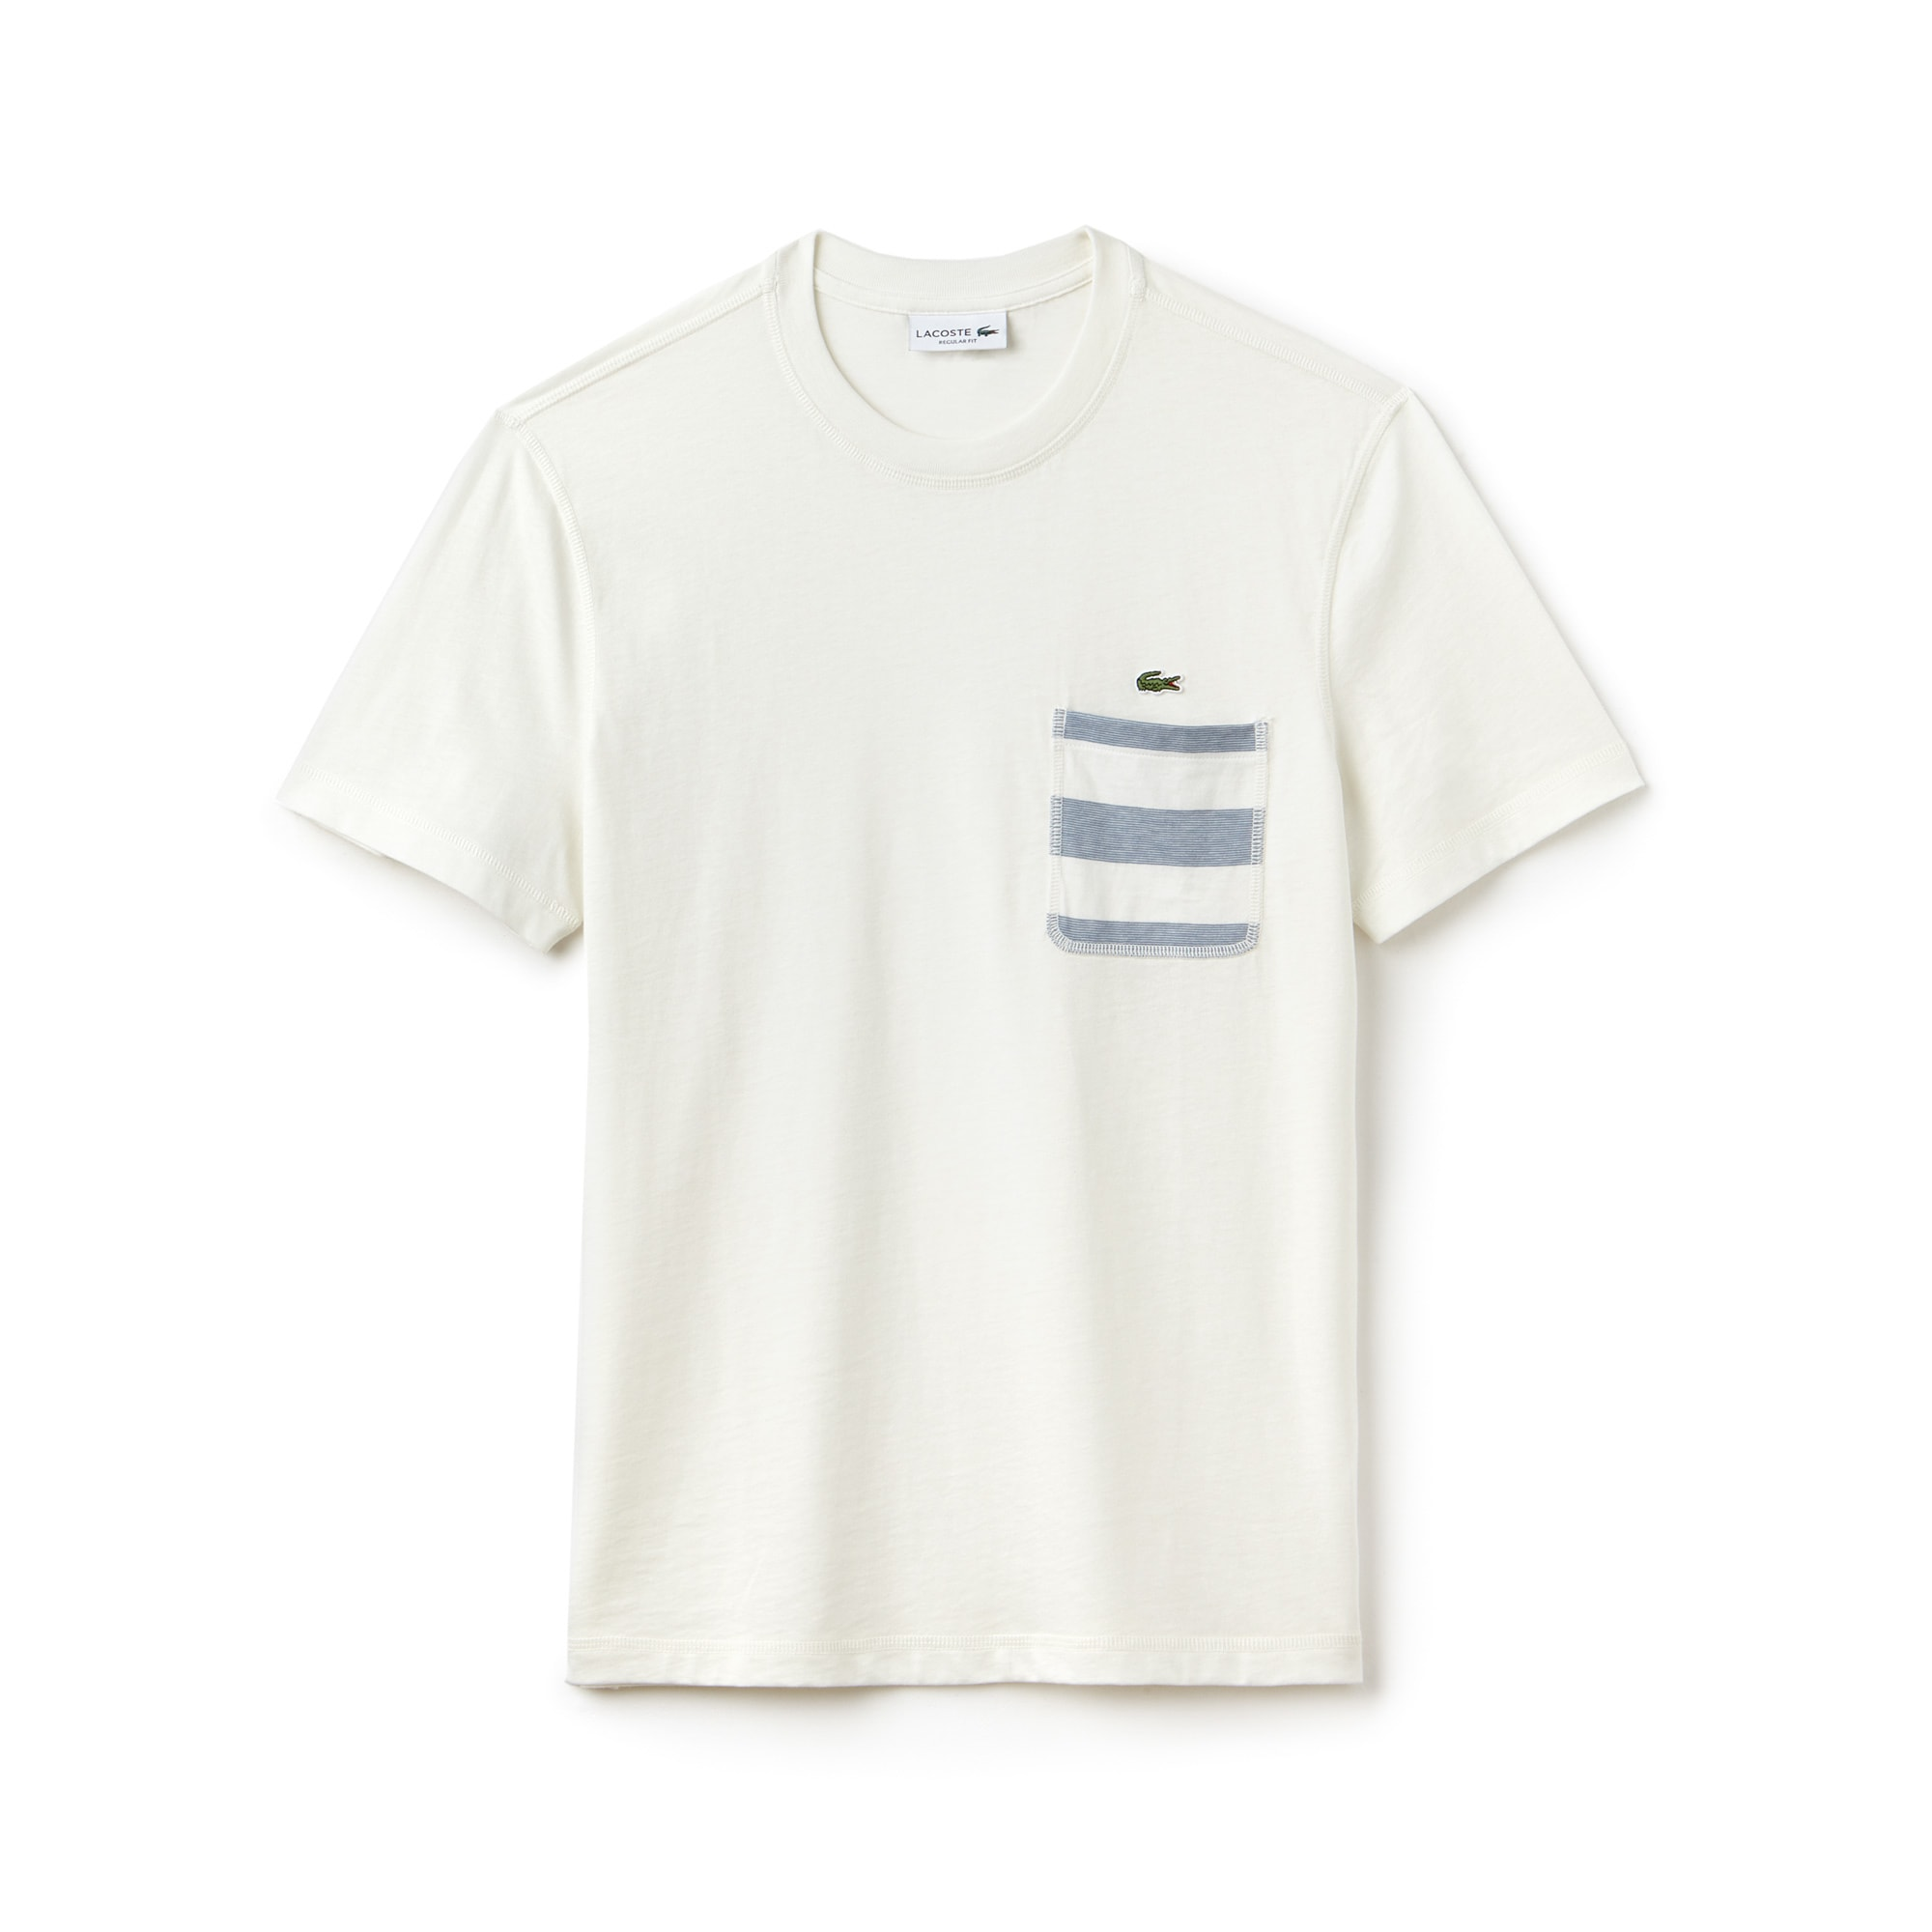 T-shirt decote redondo em jersey de algodão com bolso às riscas